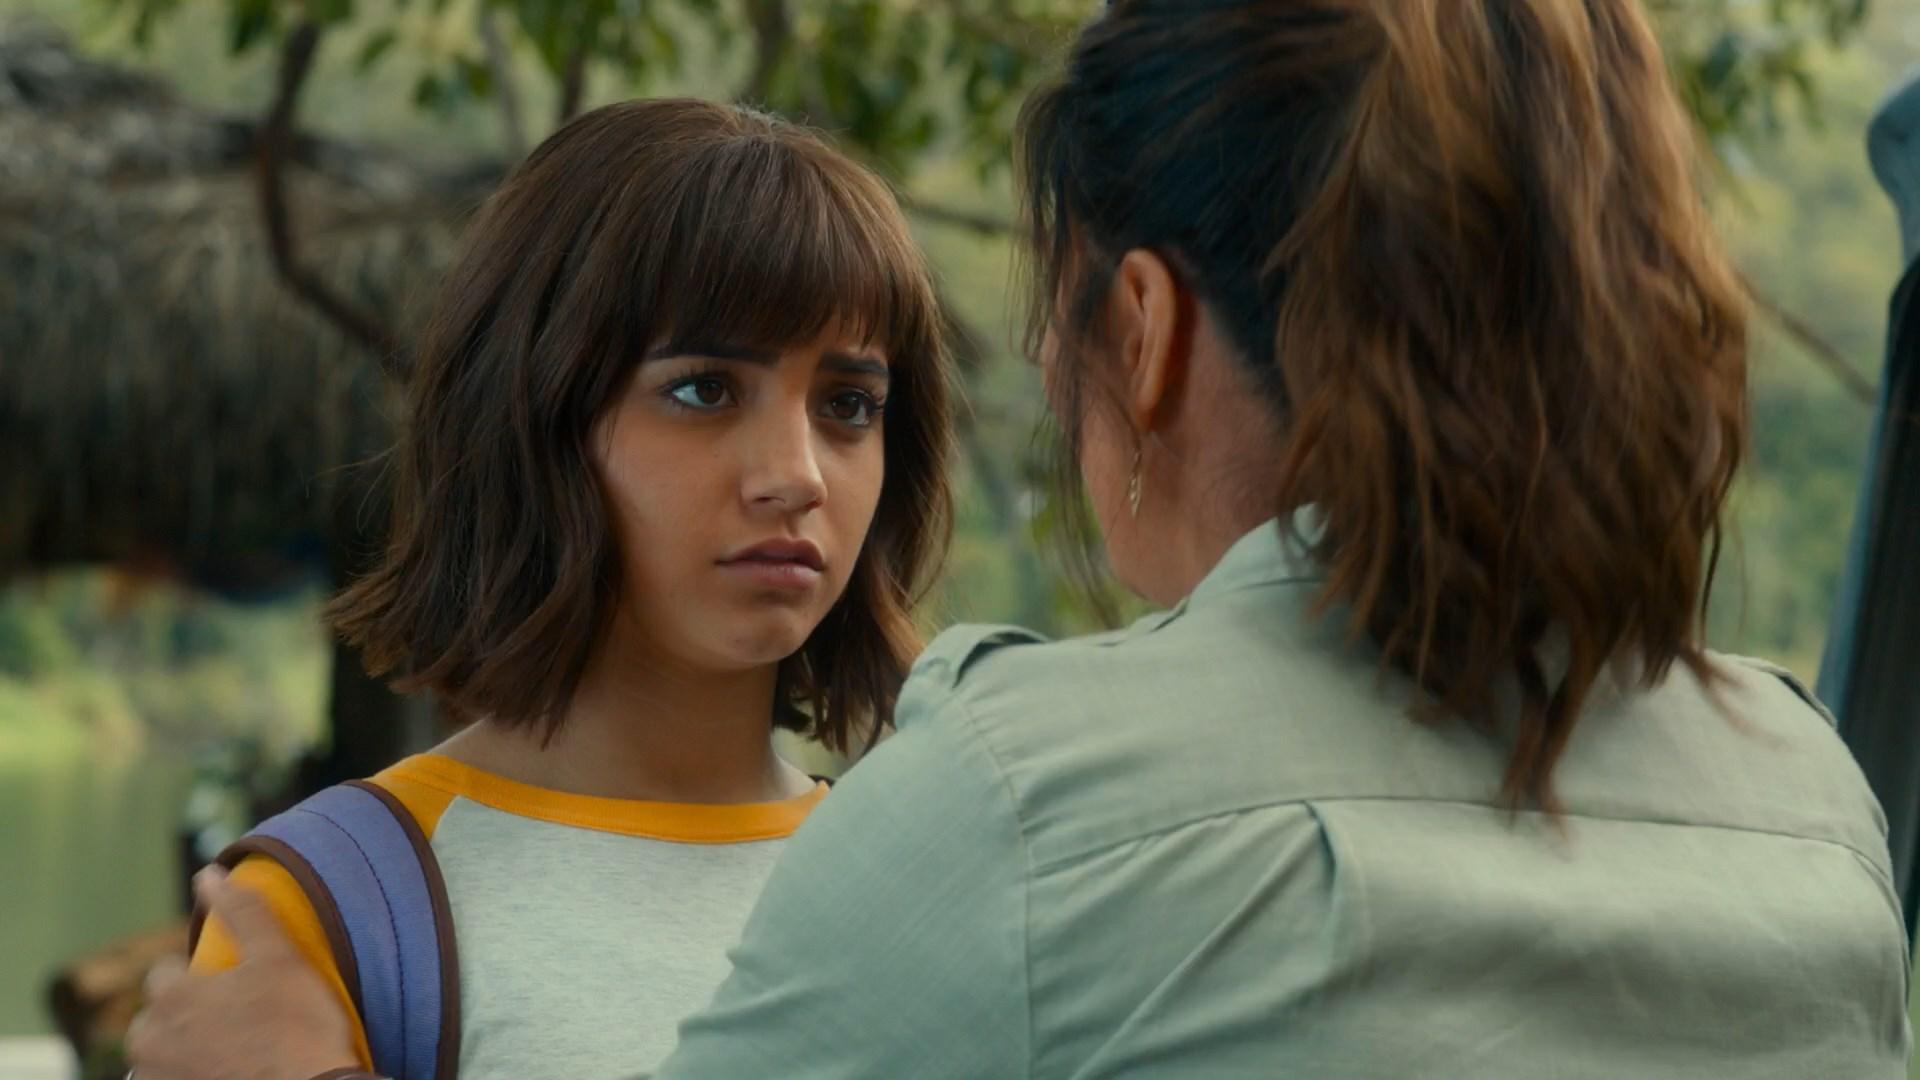 دورا ومدينة الذهب المفقودة [مدبلج] [2019][Dora and the Lost City of Gold [WEB-DL][1080p تحميل تورنت 9 arabp2p.com